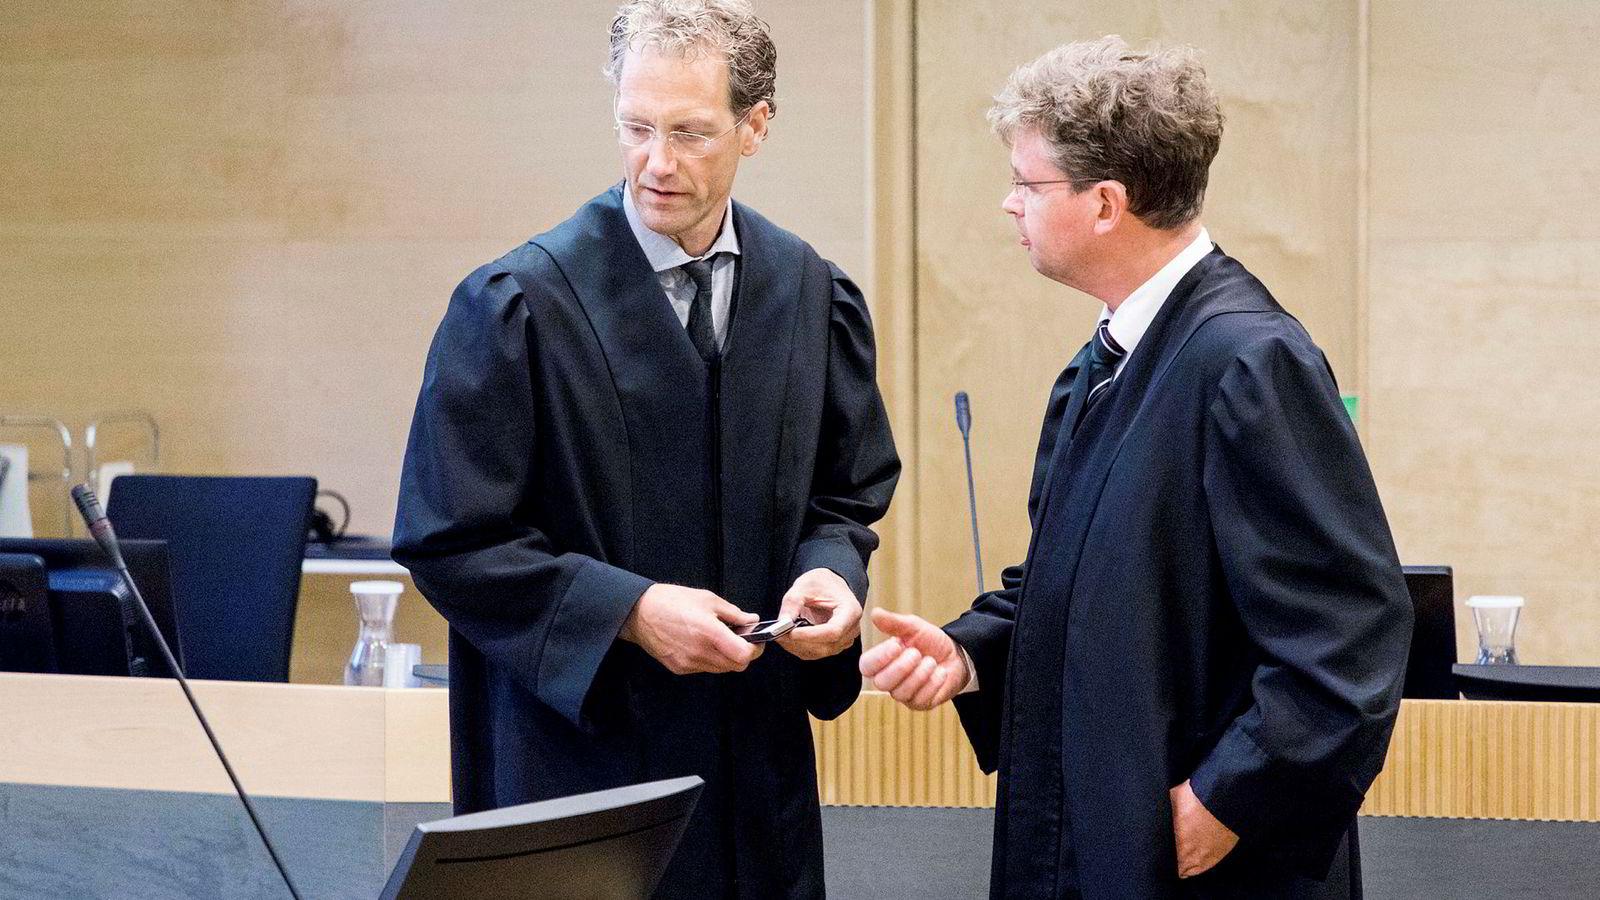 Knut Christian Braae-Johannessen (til venstre) er aktor og Trygve Staff er forsvarer i saken mot Arne Vigeland i Borgarting lagmannsrett. Fredag holdt de avsluttende prosedyrer.